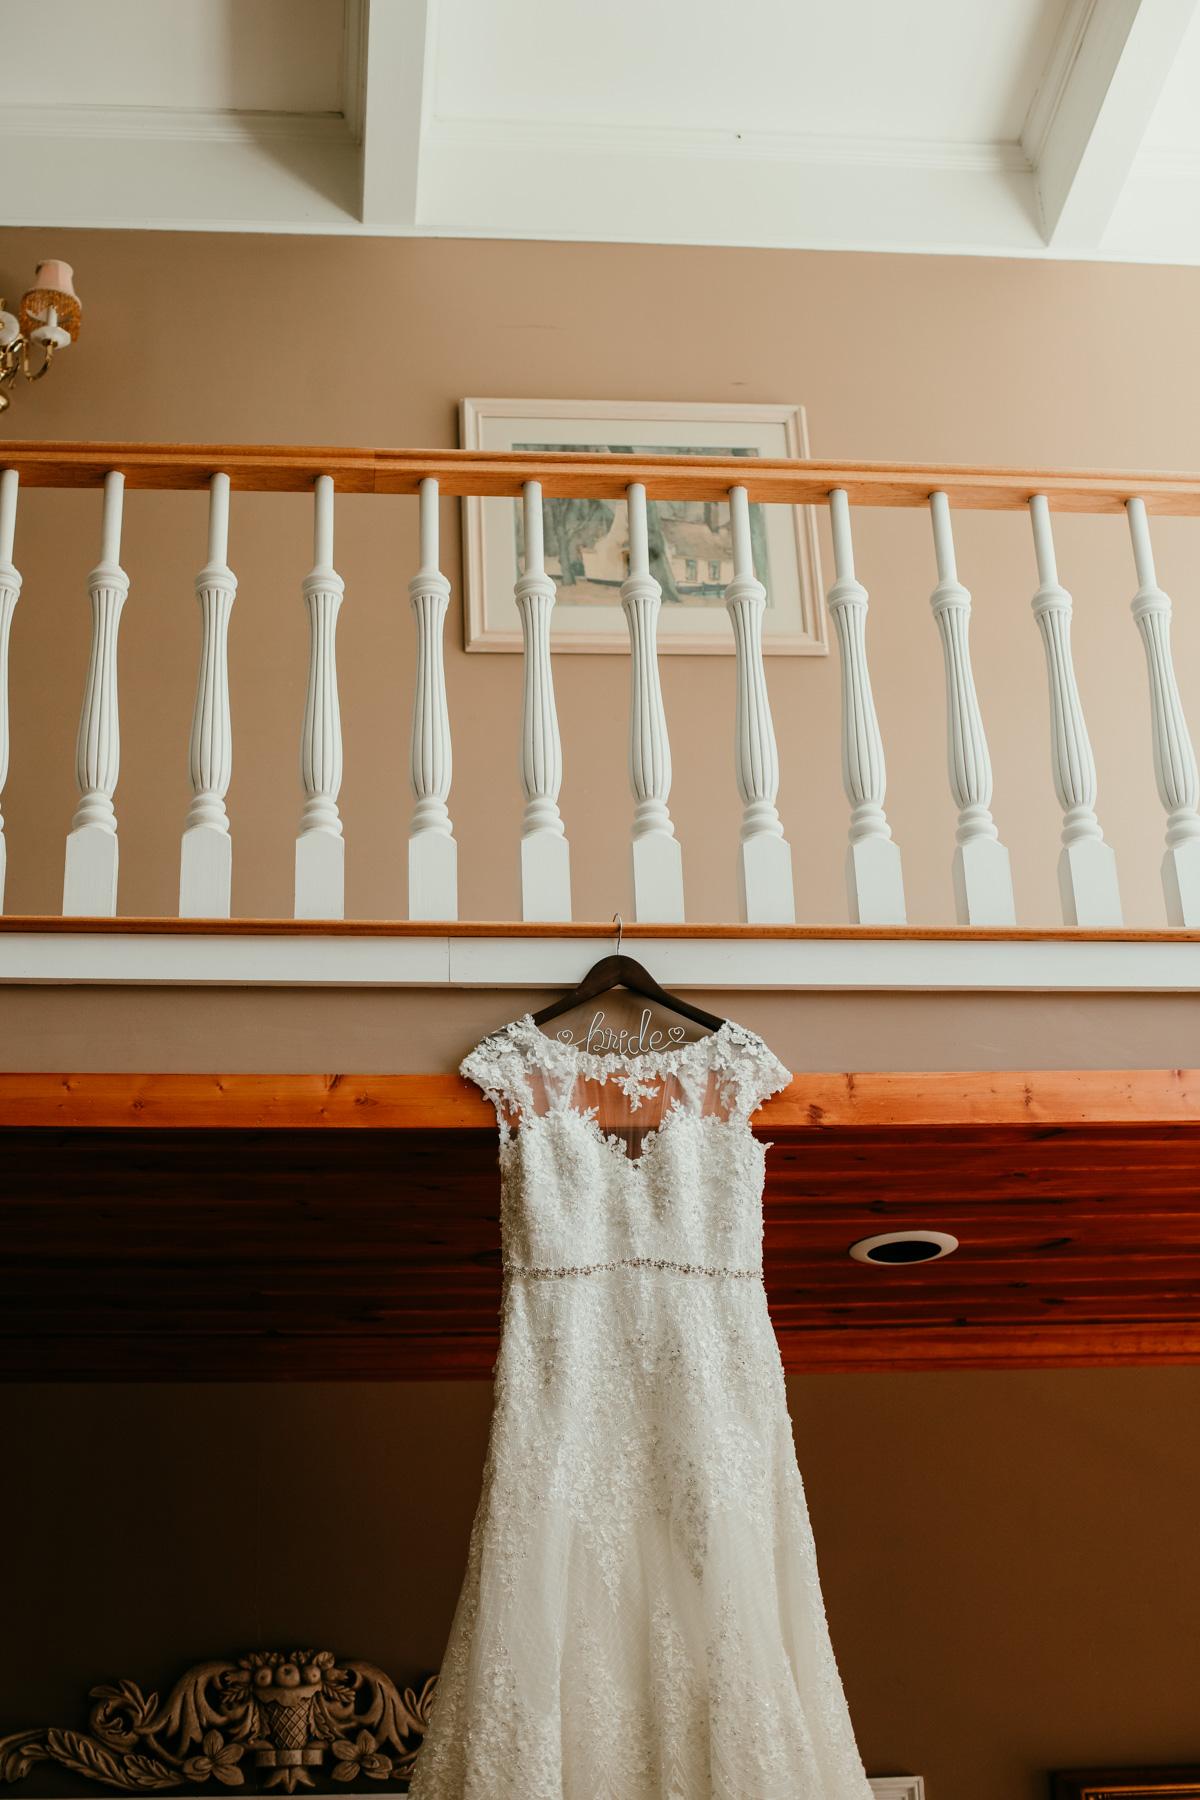 bridal-gown-photo-ideas.jpg